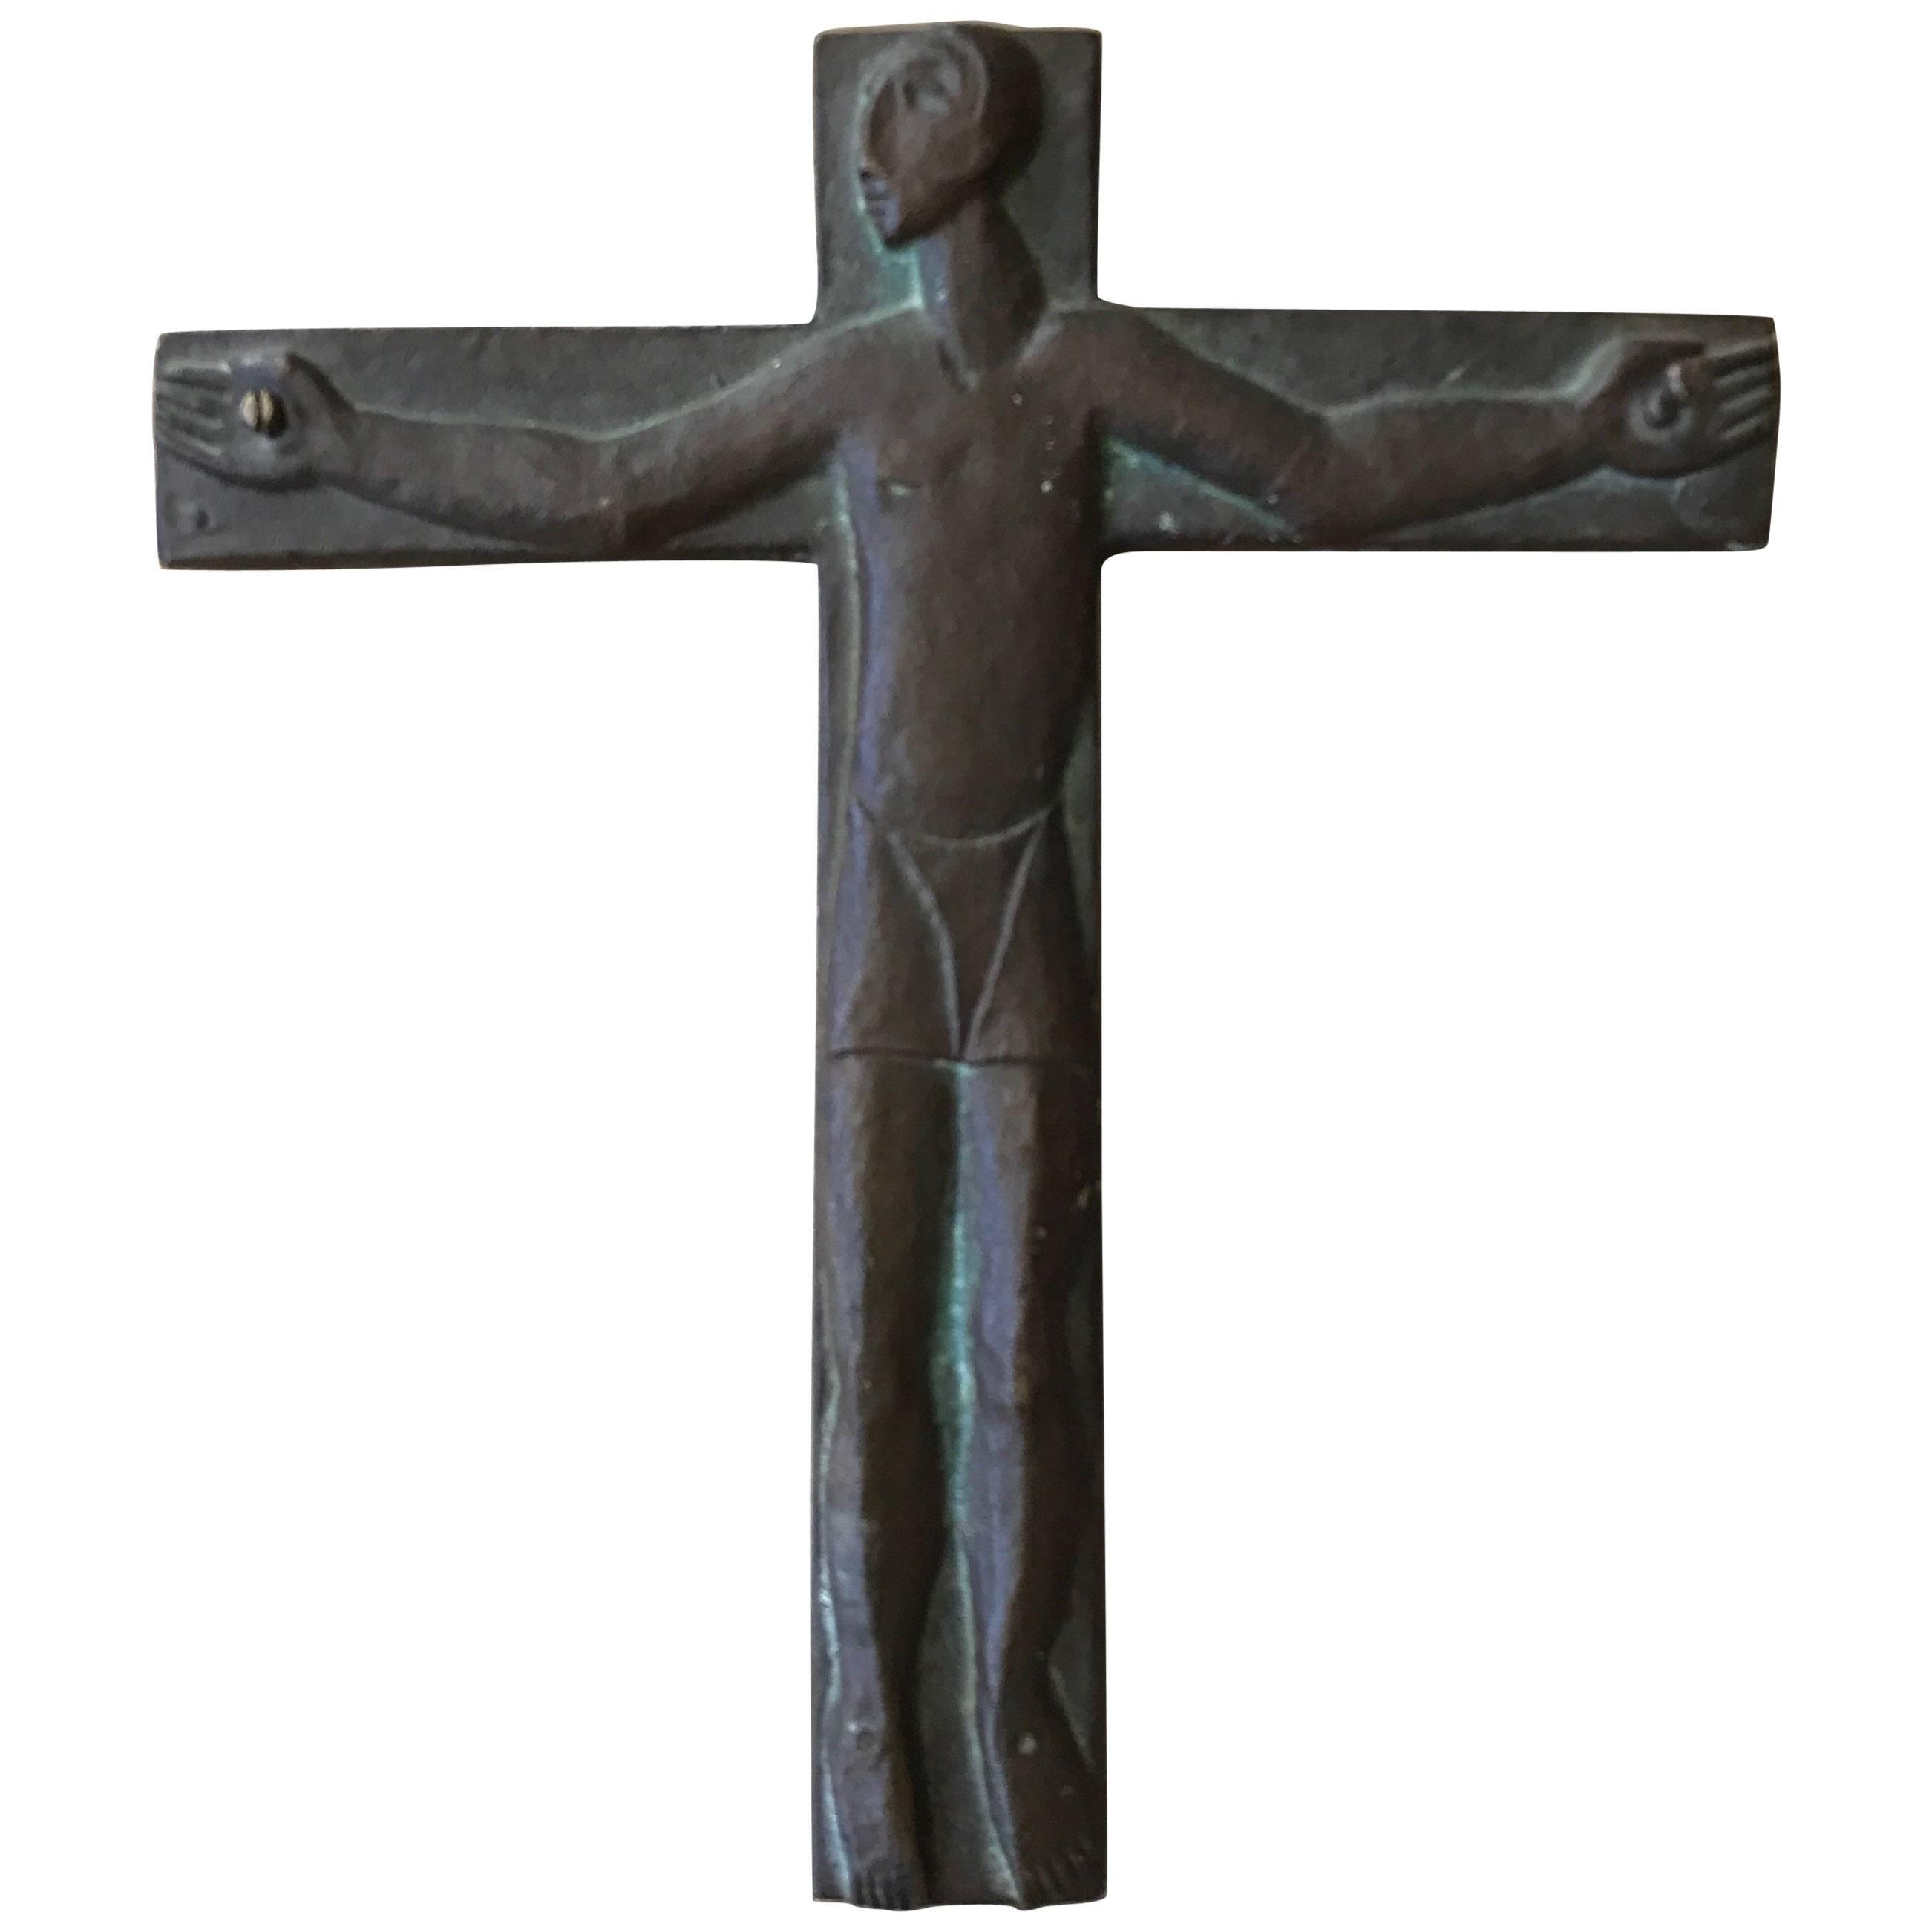 Midcentury Brutalist Steel Crucifix Cross